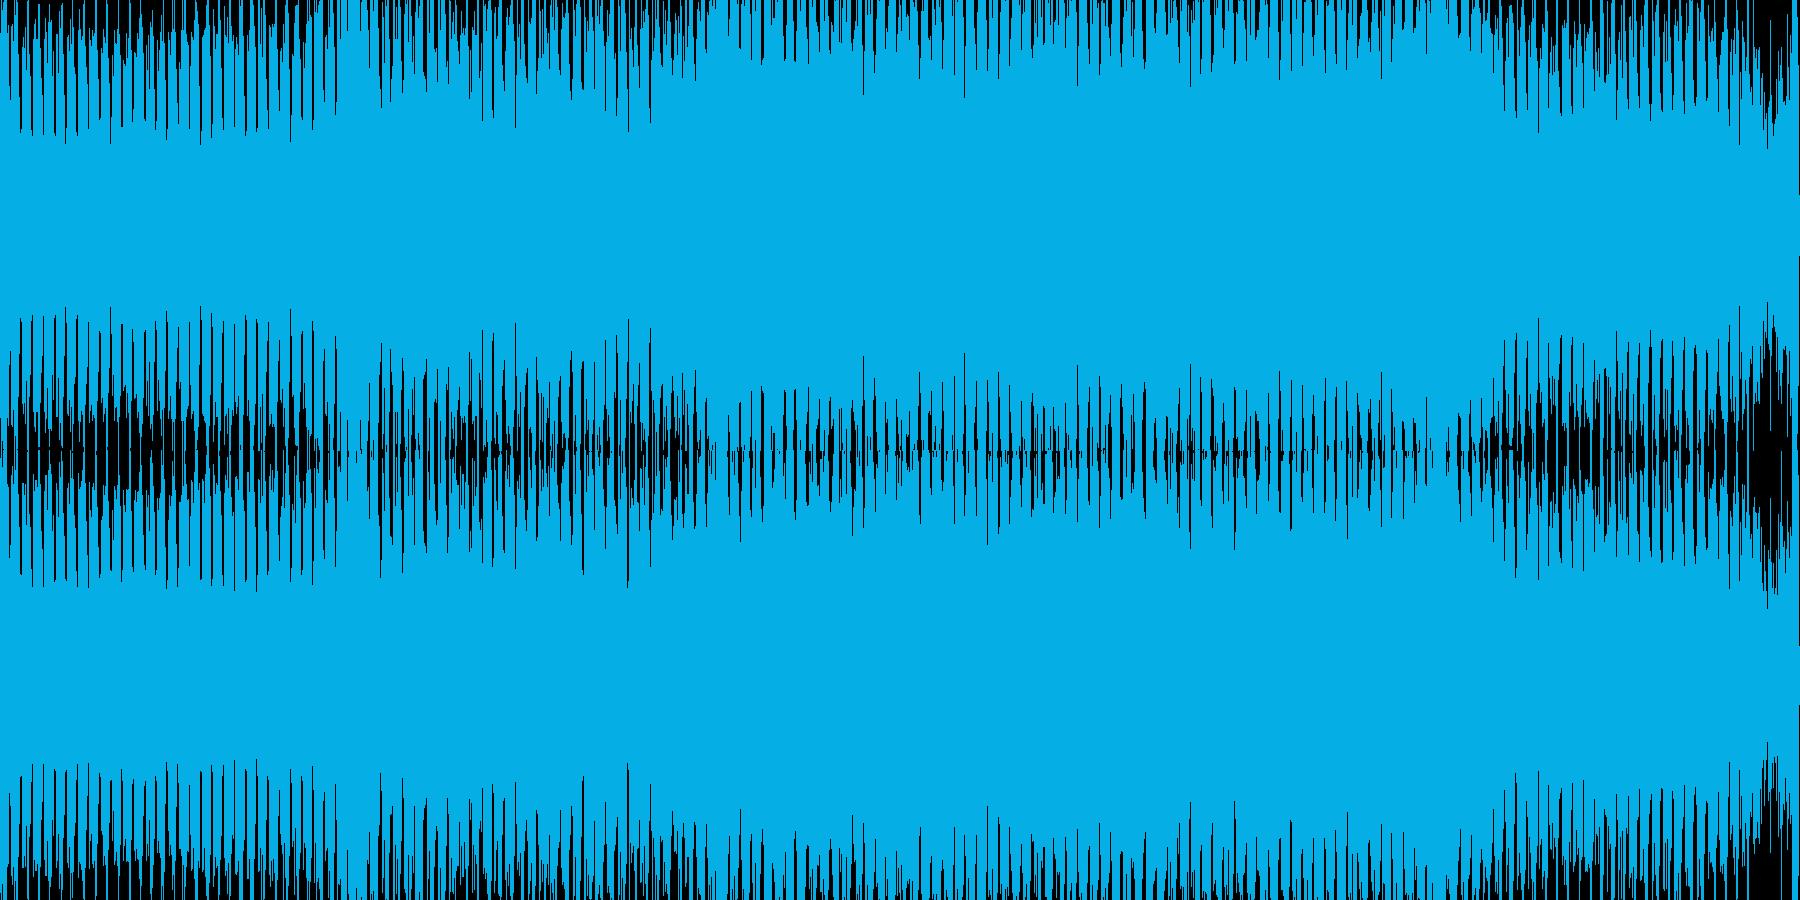 神秘的な音色のトランス【ループ素材】の再生済みの波形